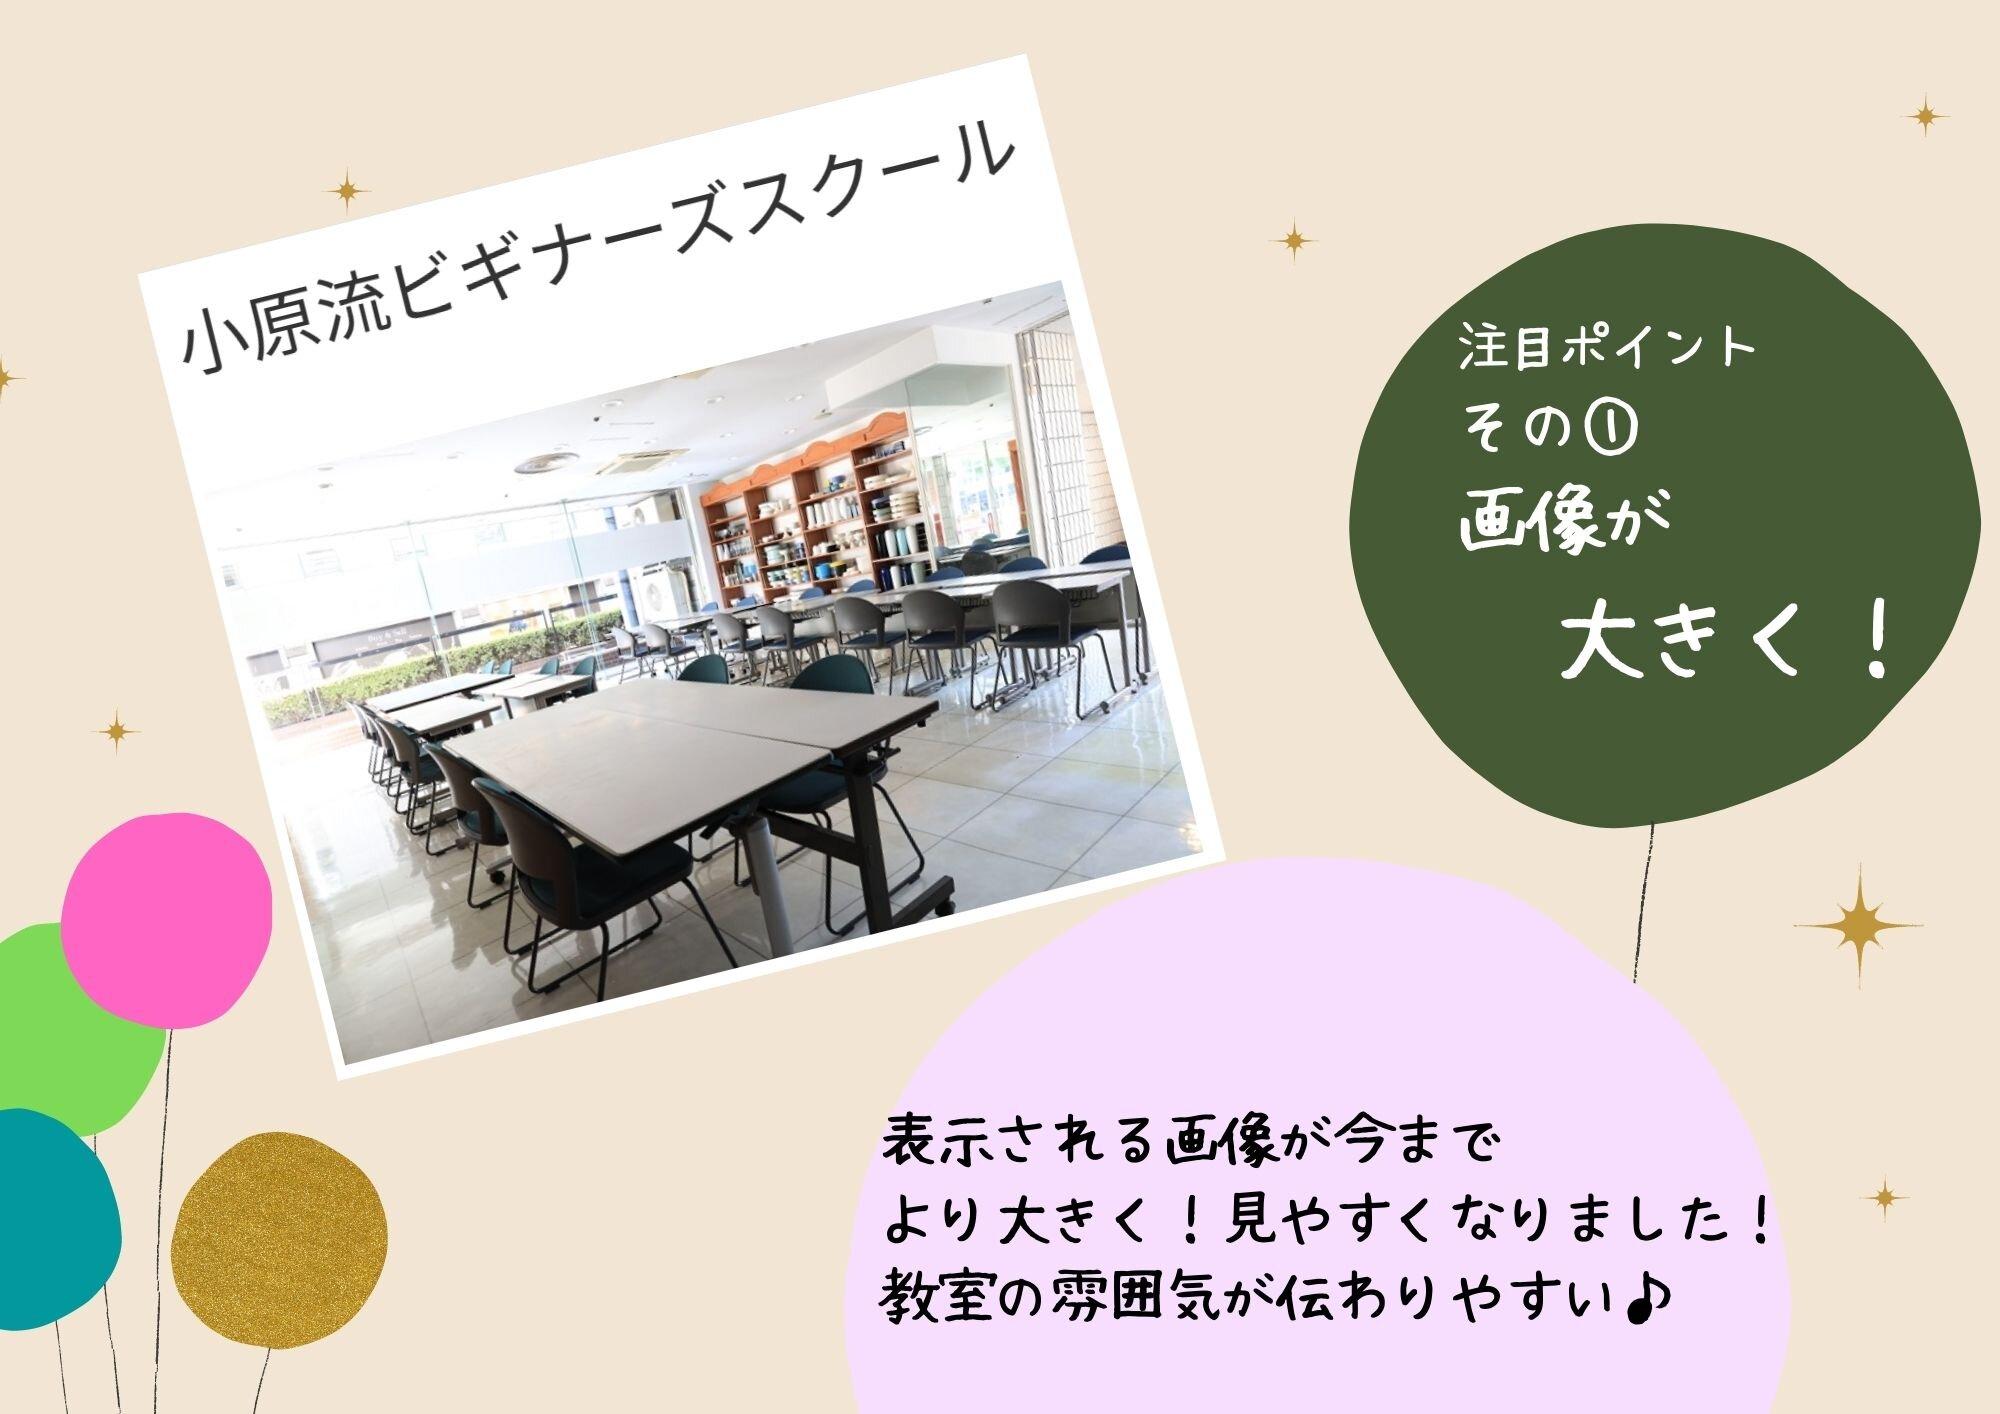 リニューアル教室登録2.jpg